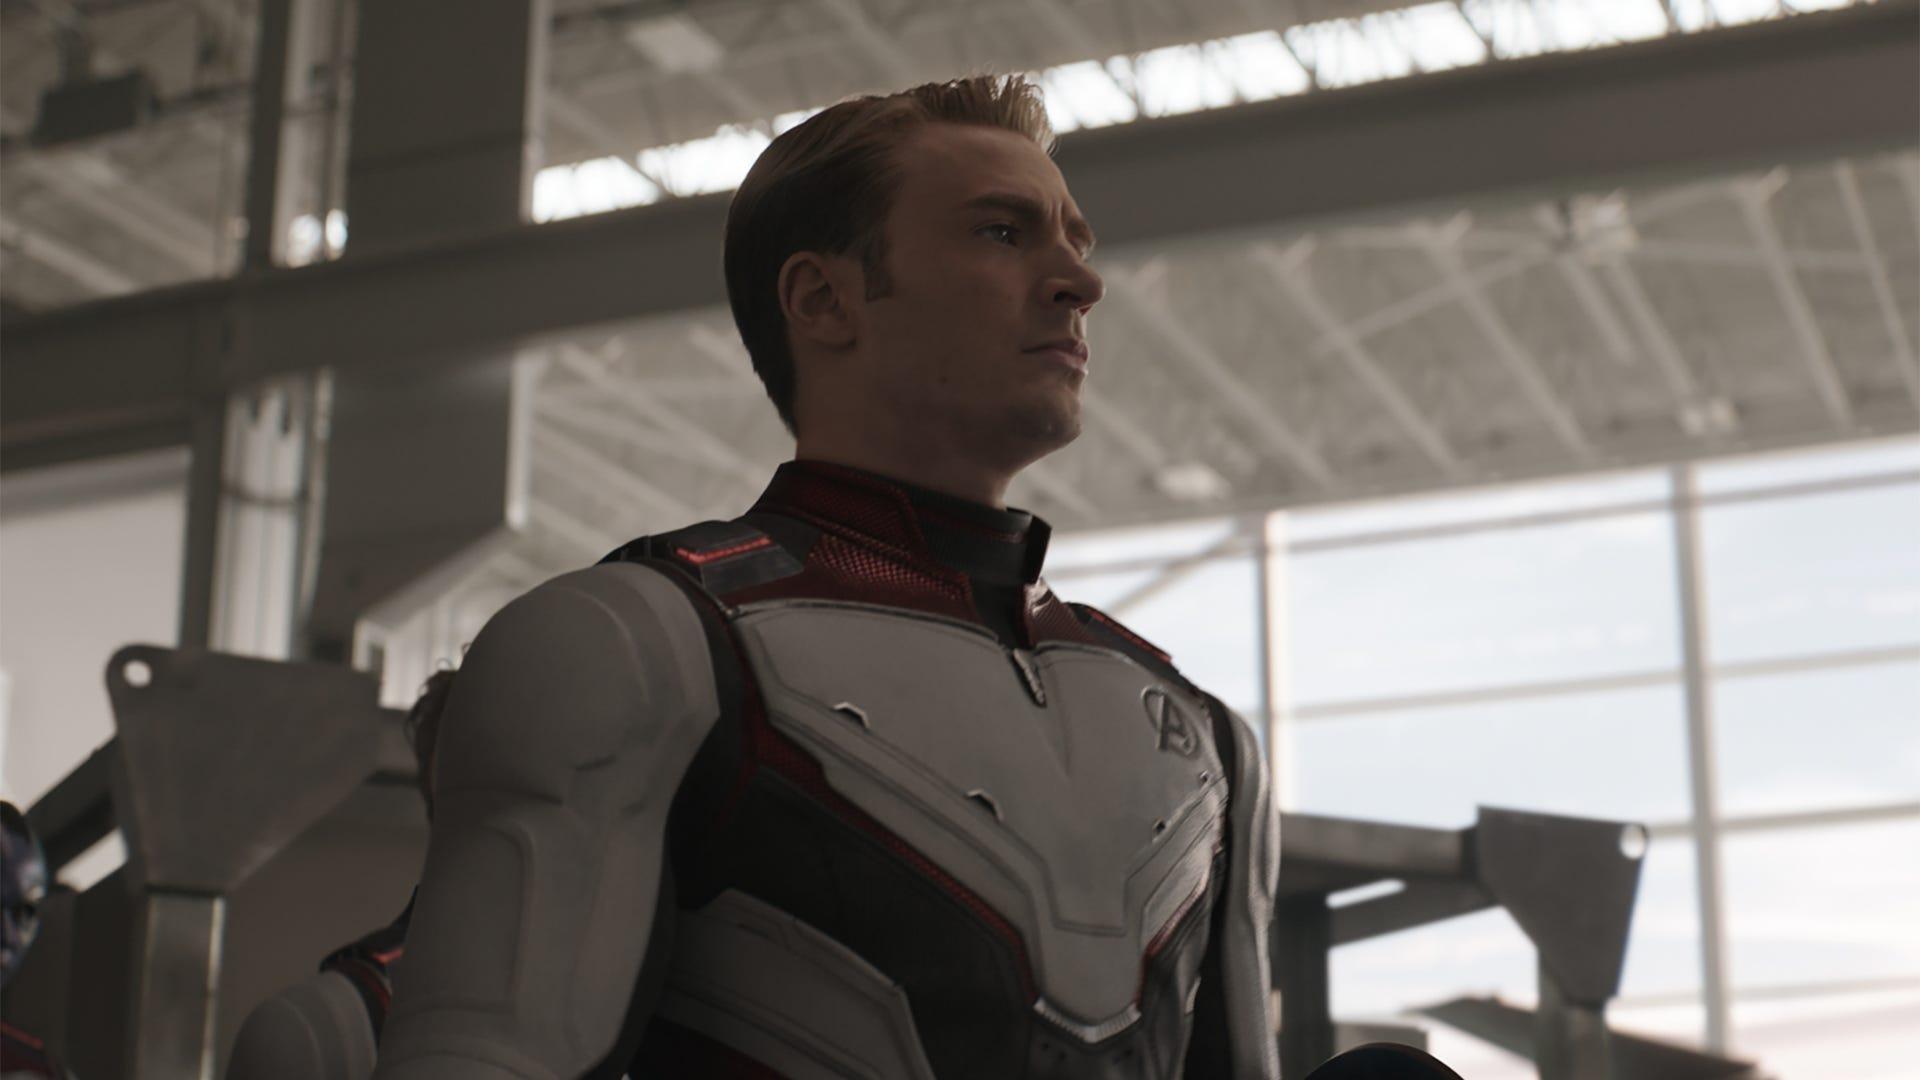 Chris Evans, Avengers: Endgame